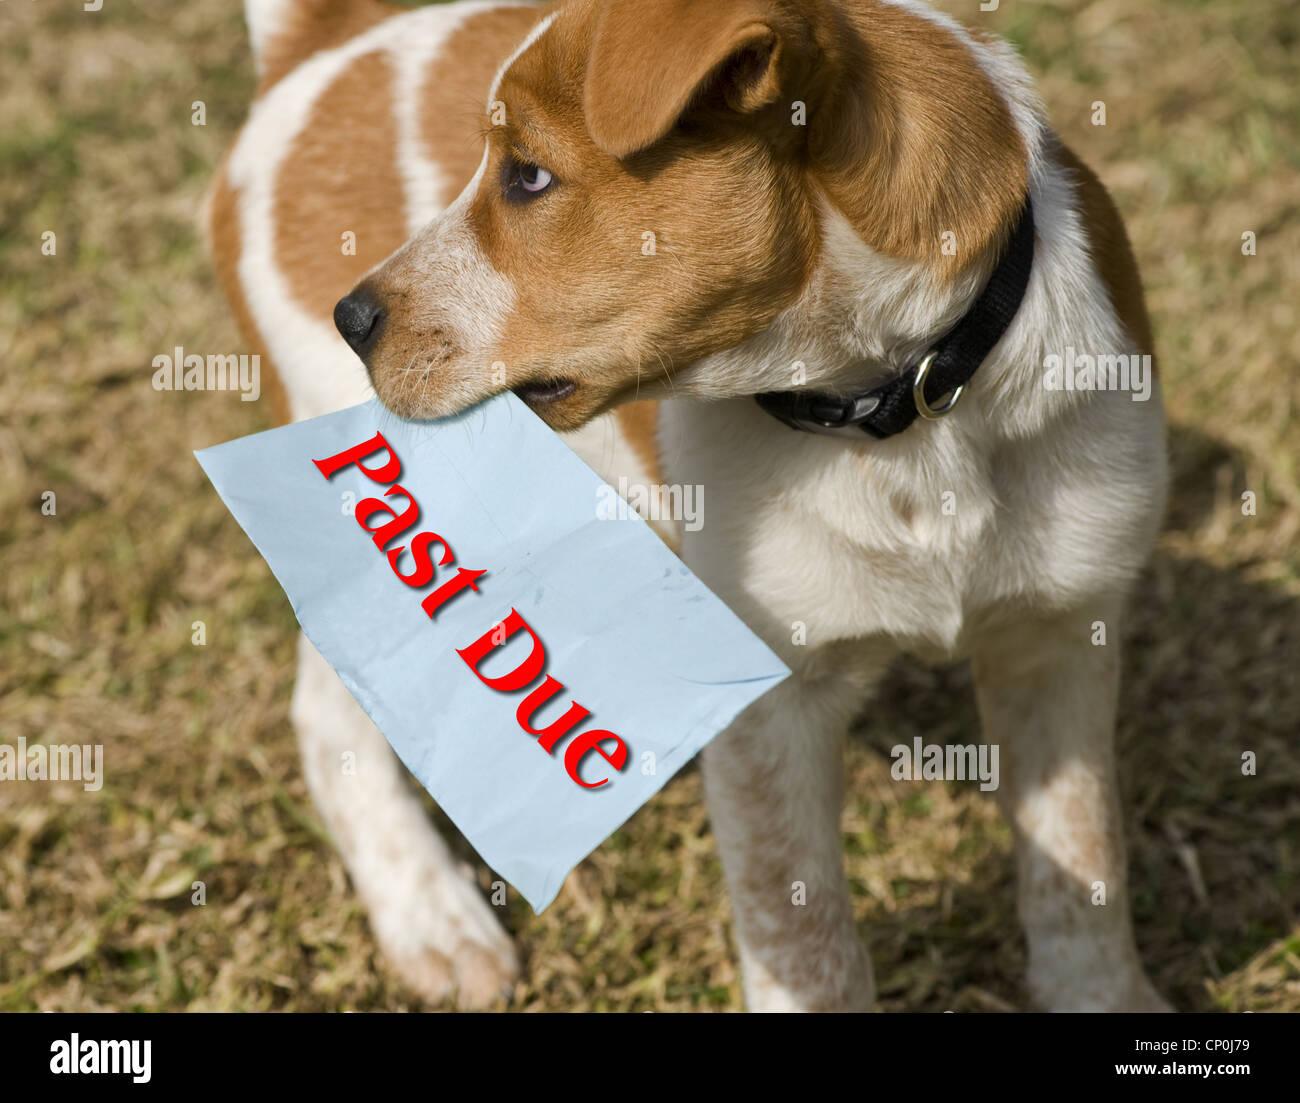 Il cane con il passato a causa di bill in bocca. Immagini Stock